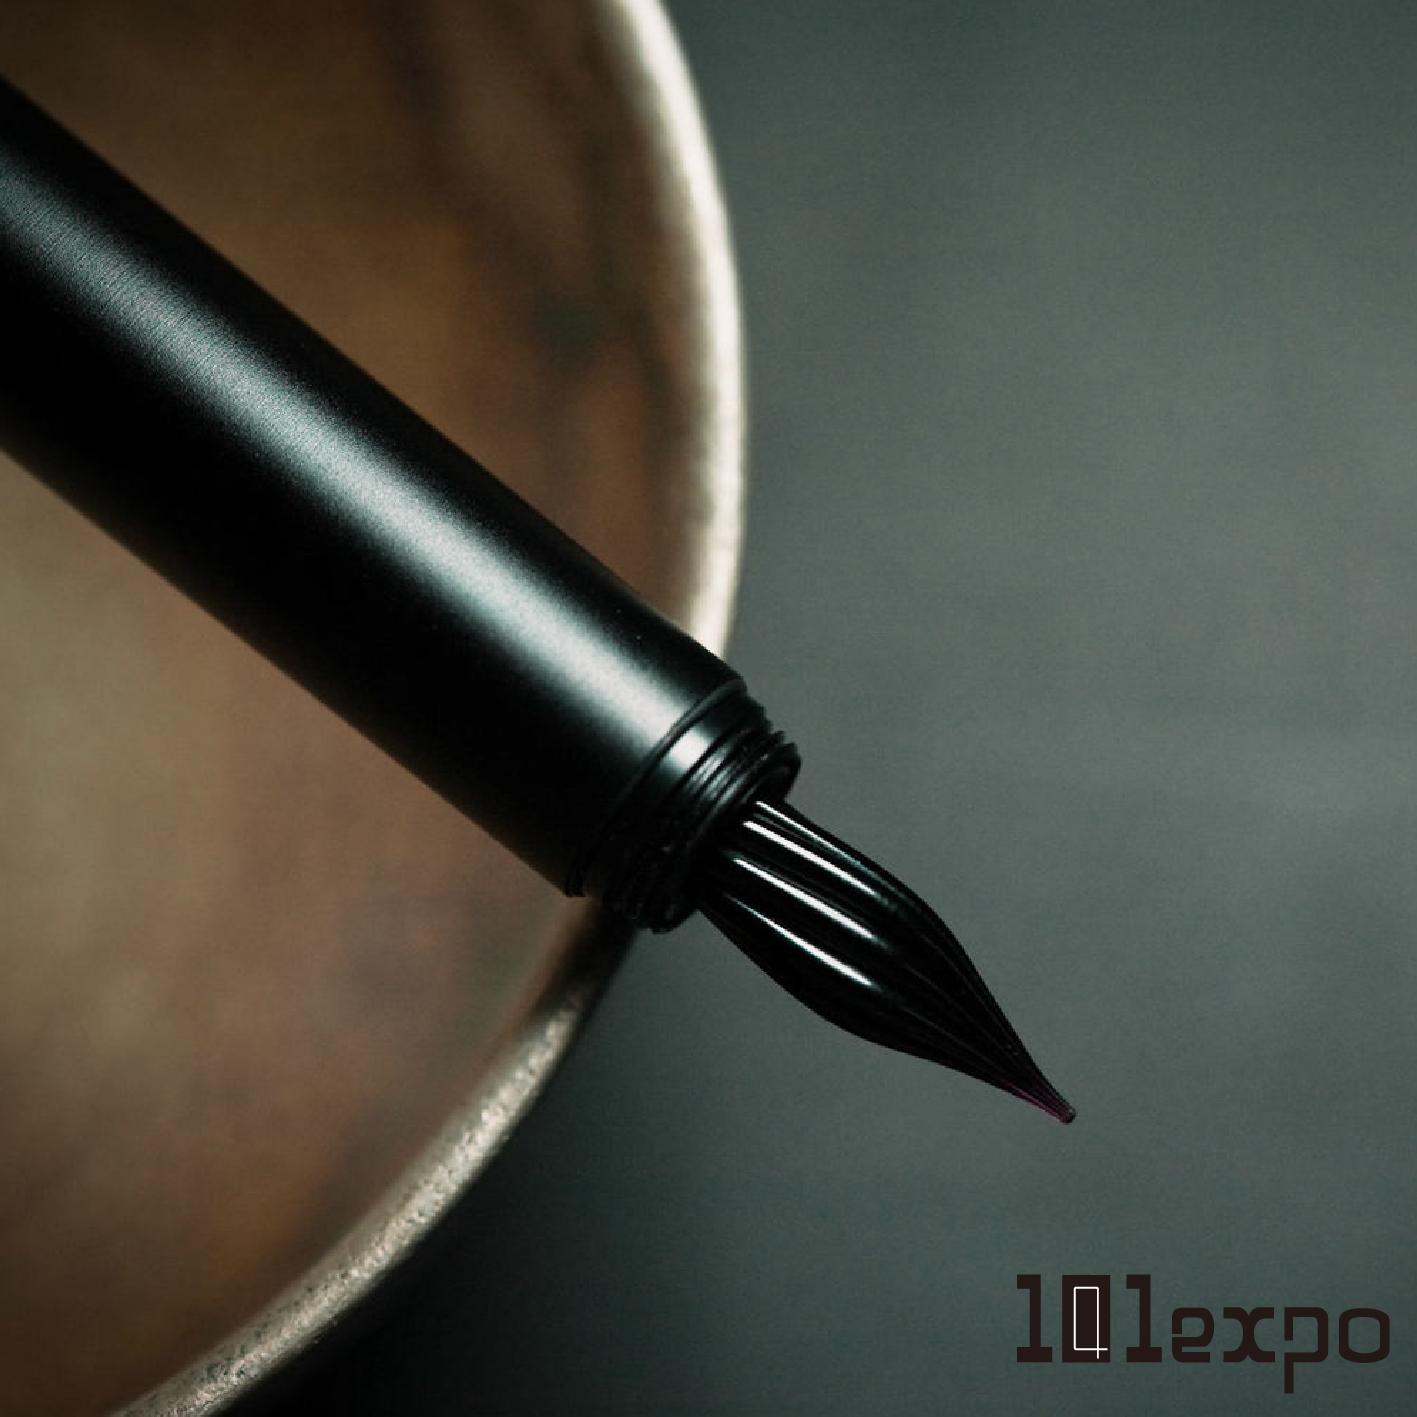 S9801玻璃尖鋼筆-烏鴉全黑